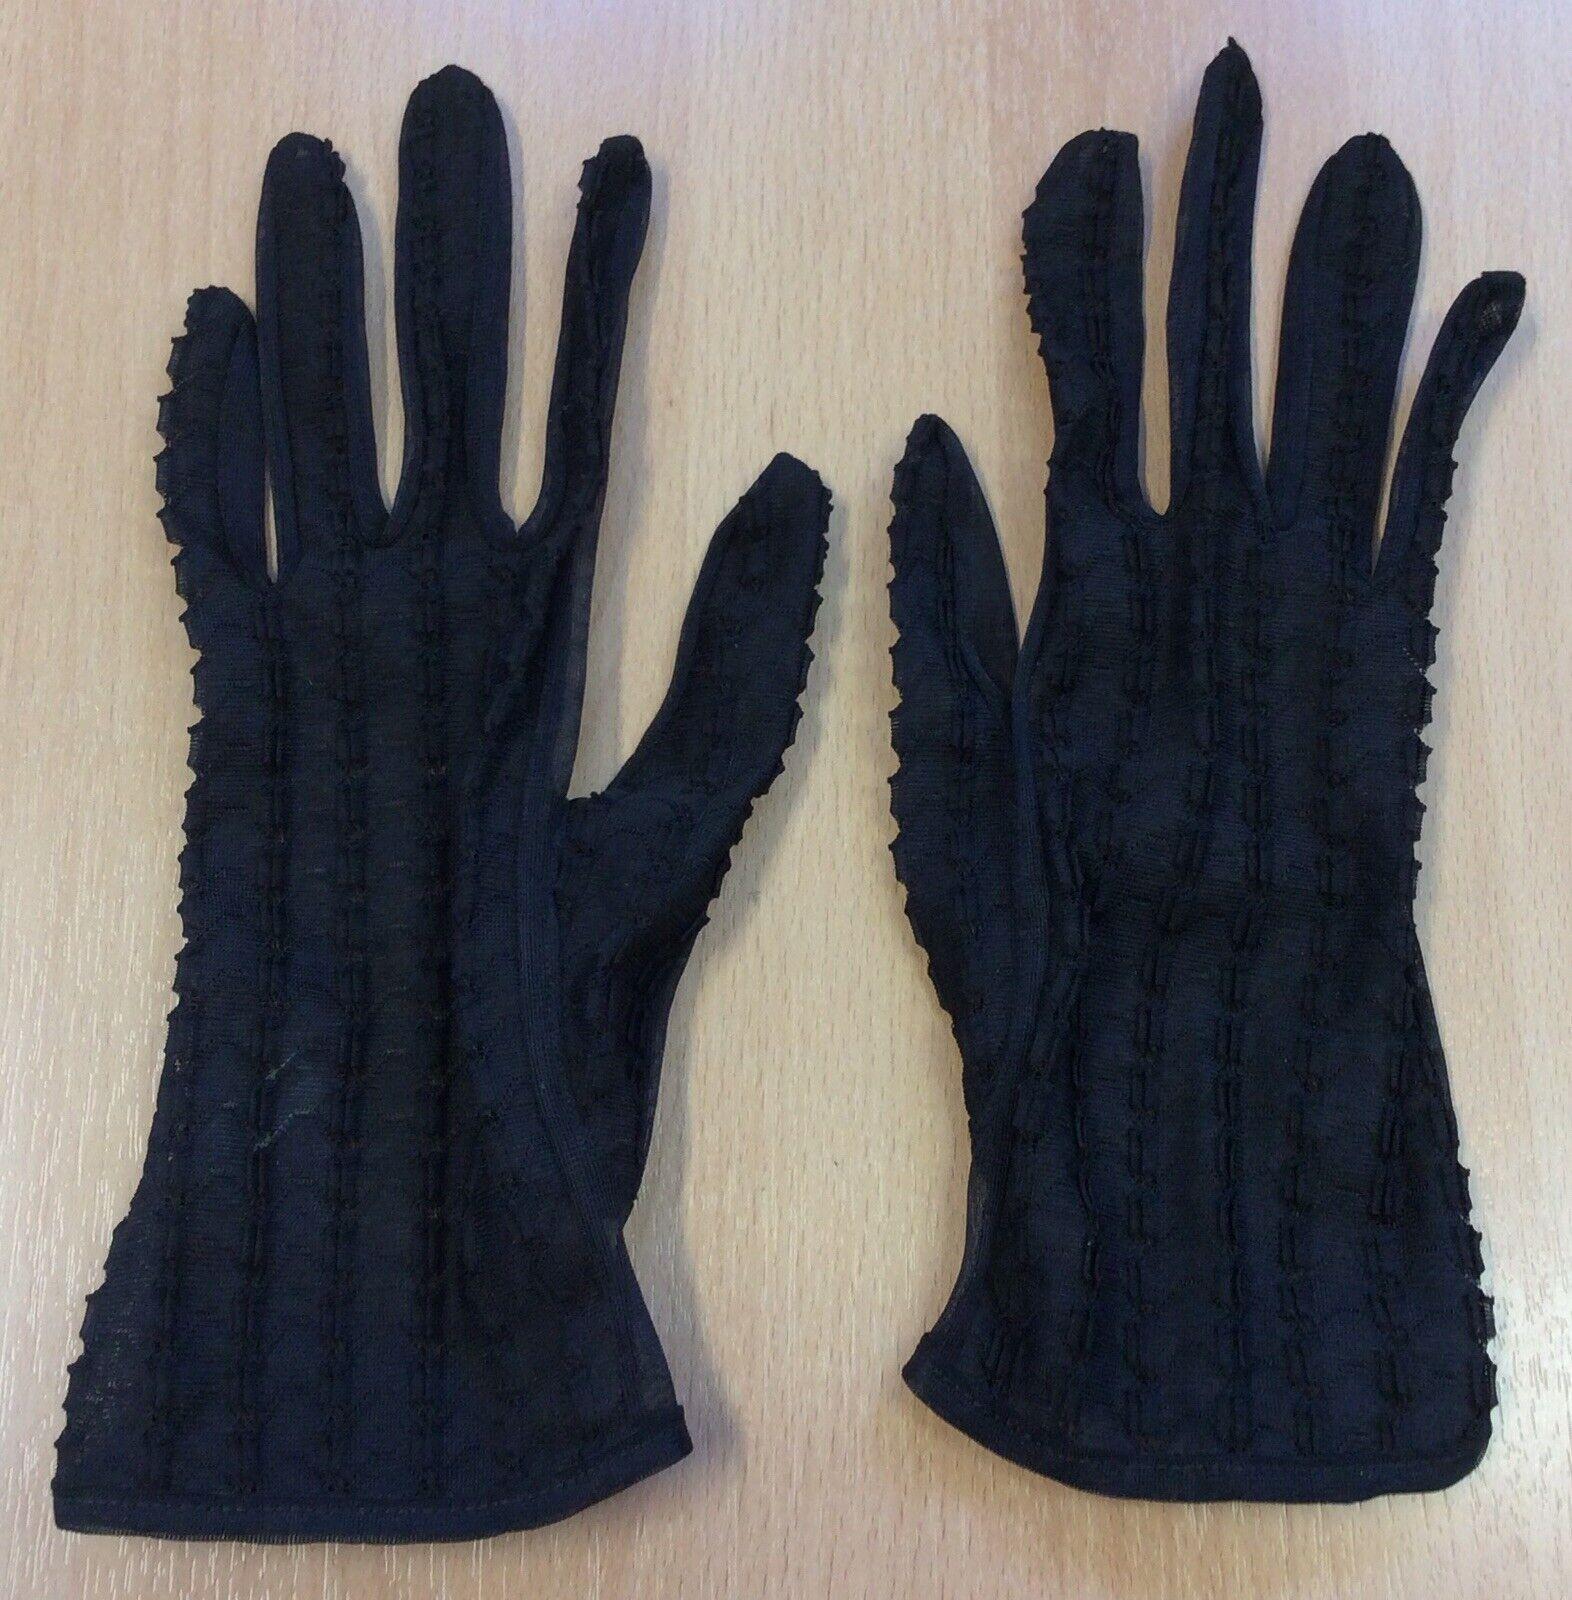 1960s Sheer Black Nylon Formal Gloves XS